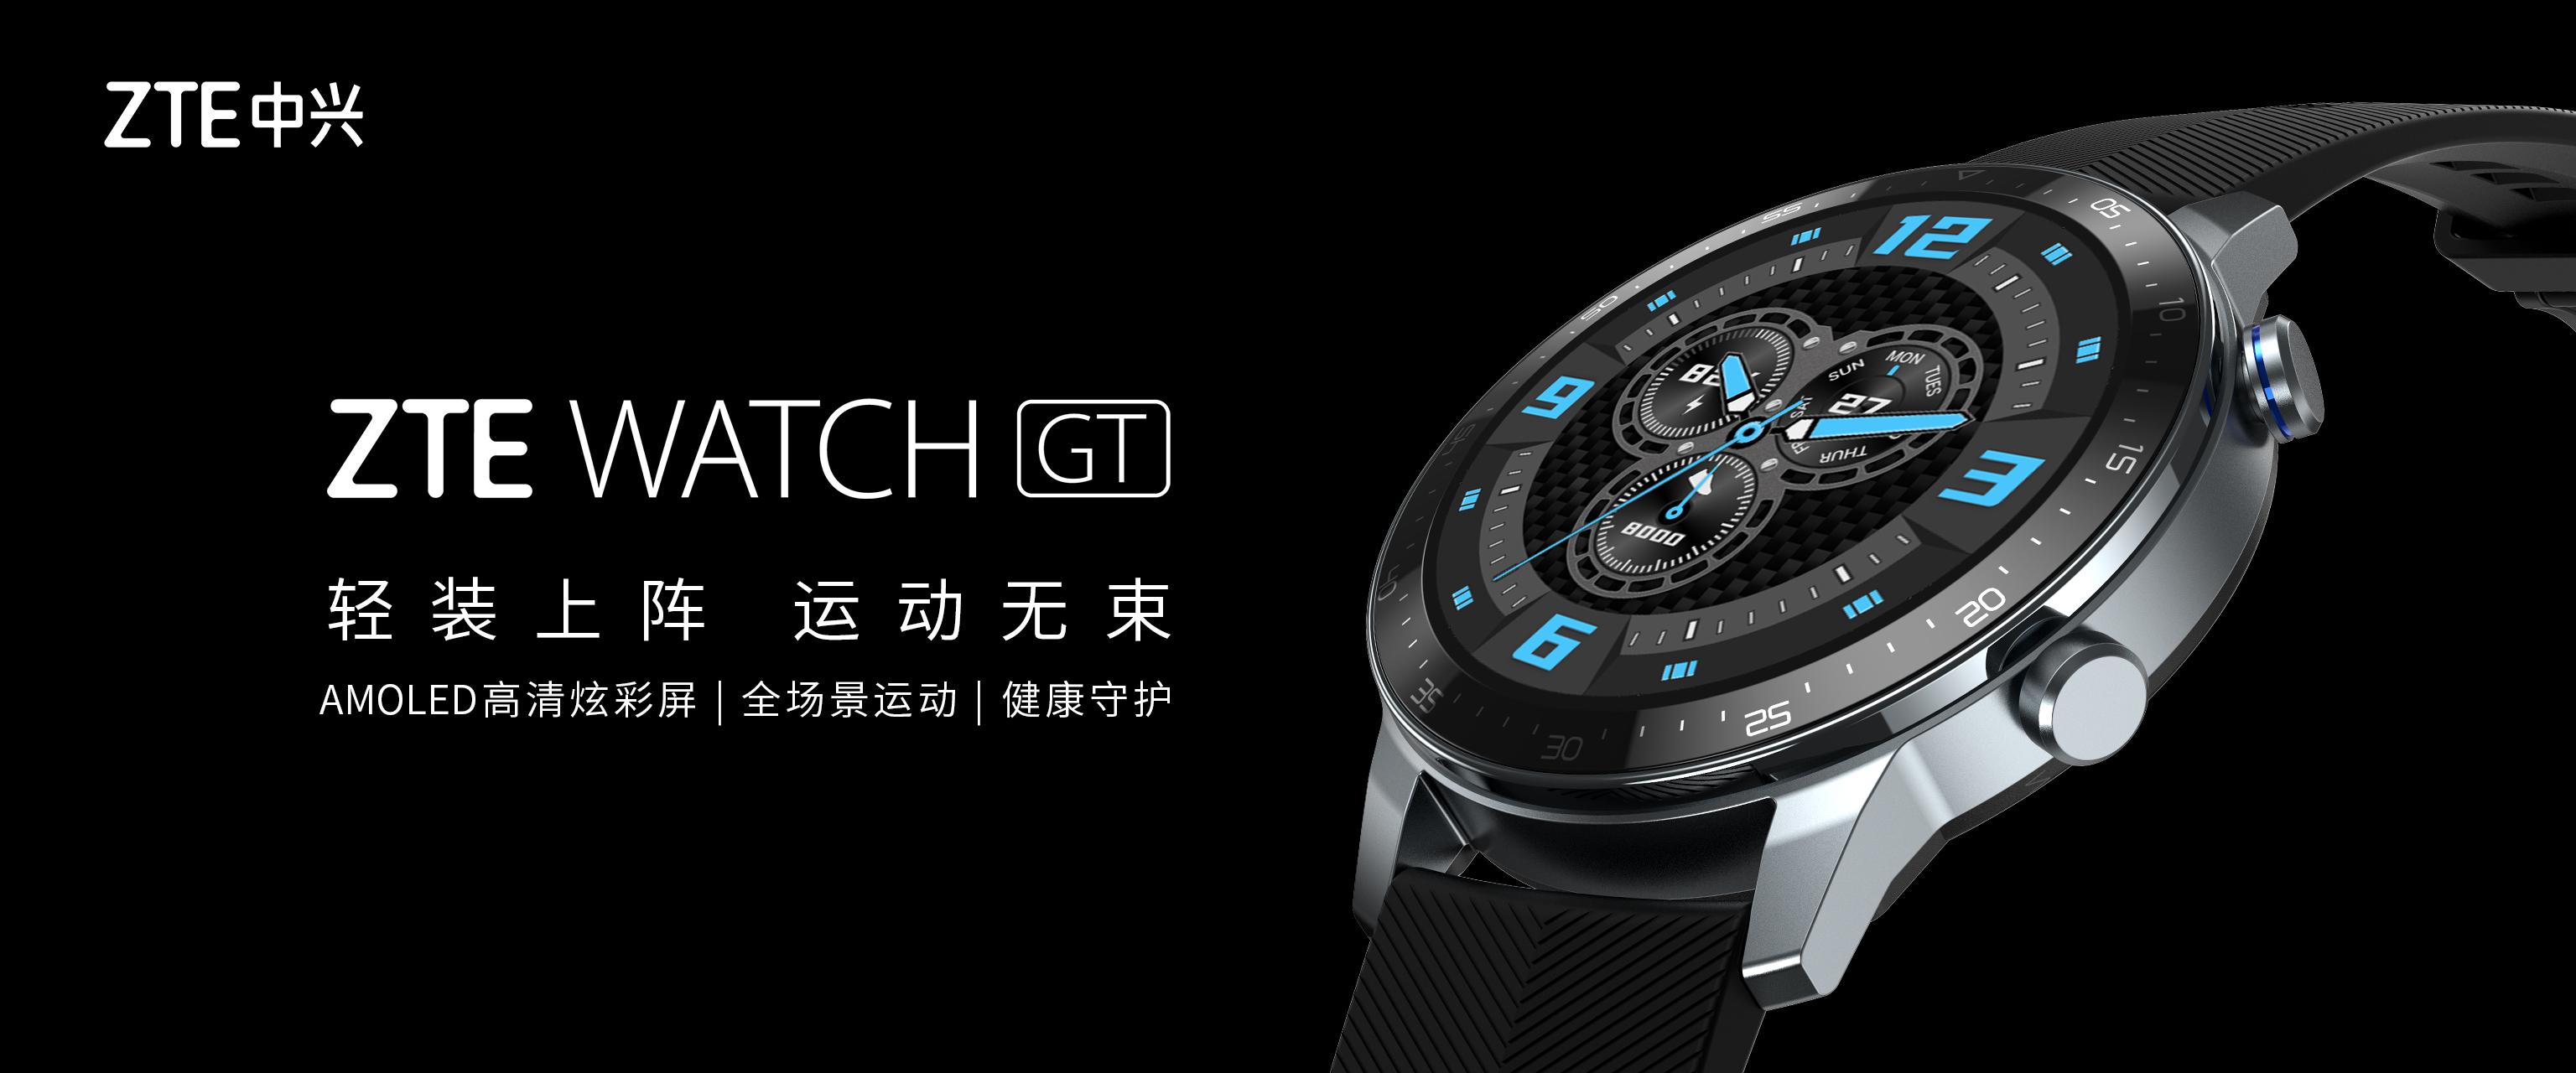 年轻人的全场景智能运动手表 中兴ZTE WATCH GT将发布